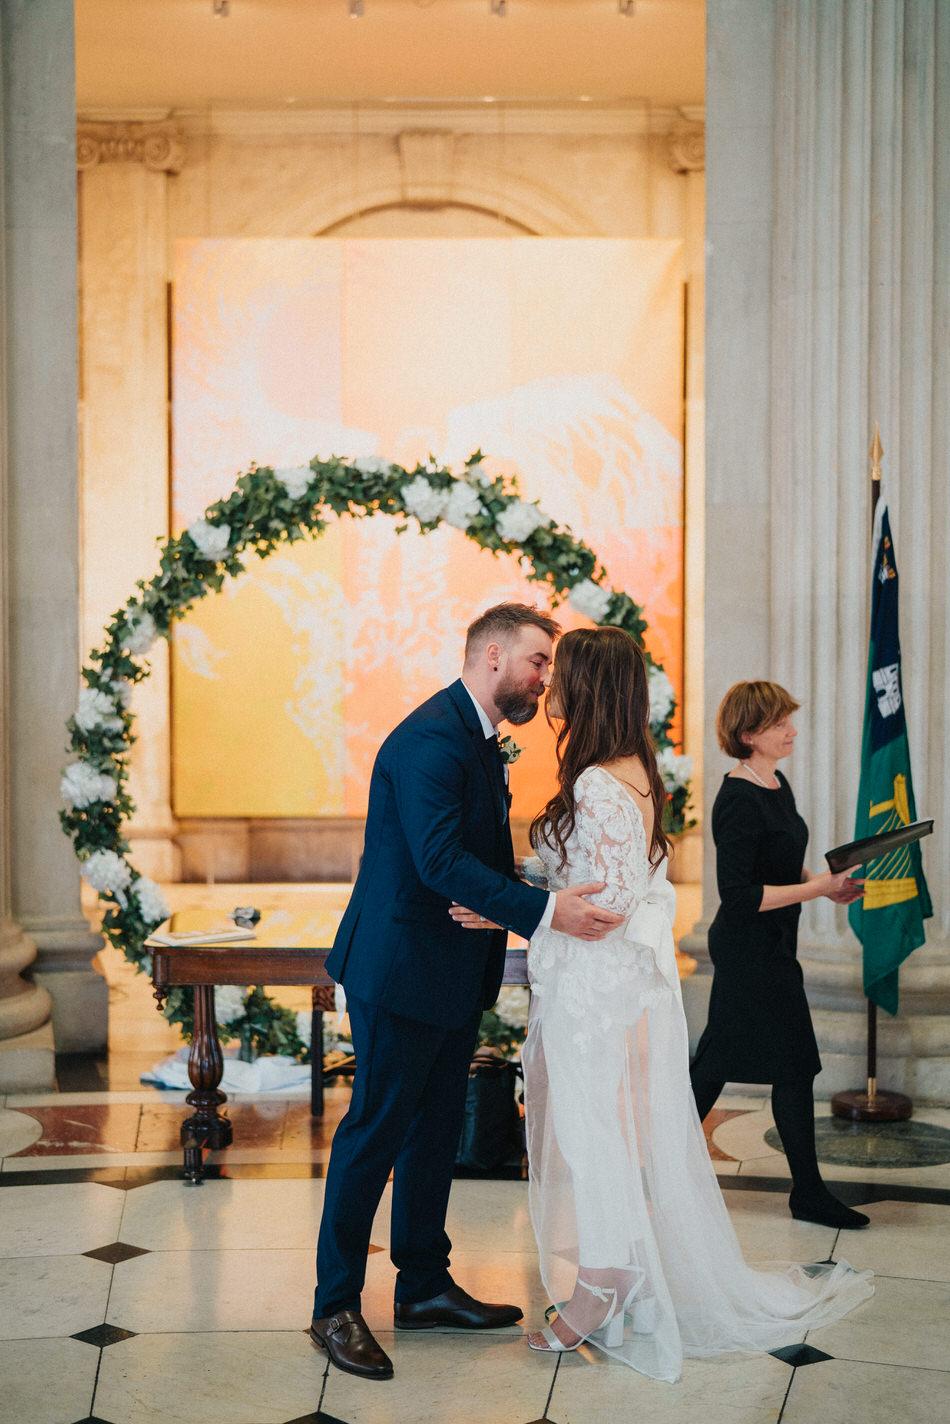 City-hall-dublin-wedding-photos-31 30